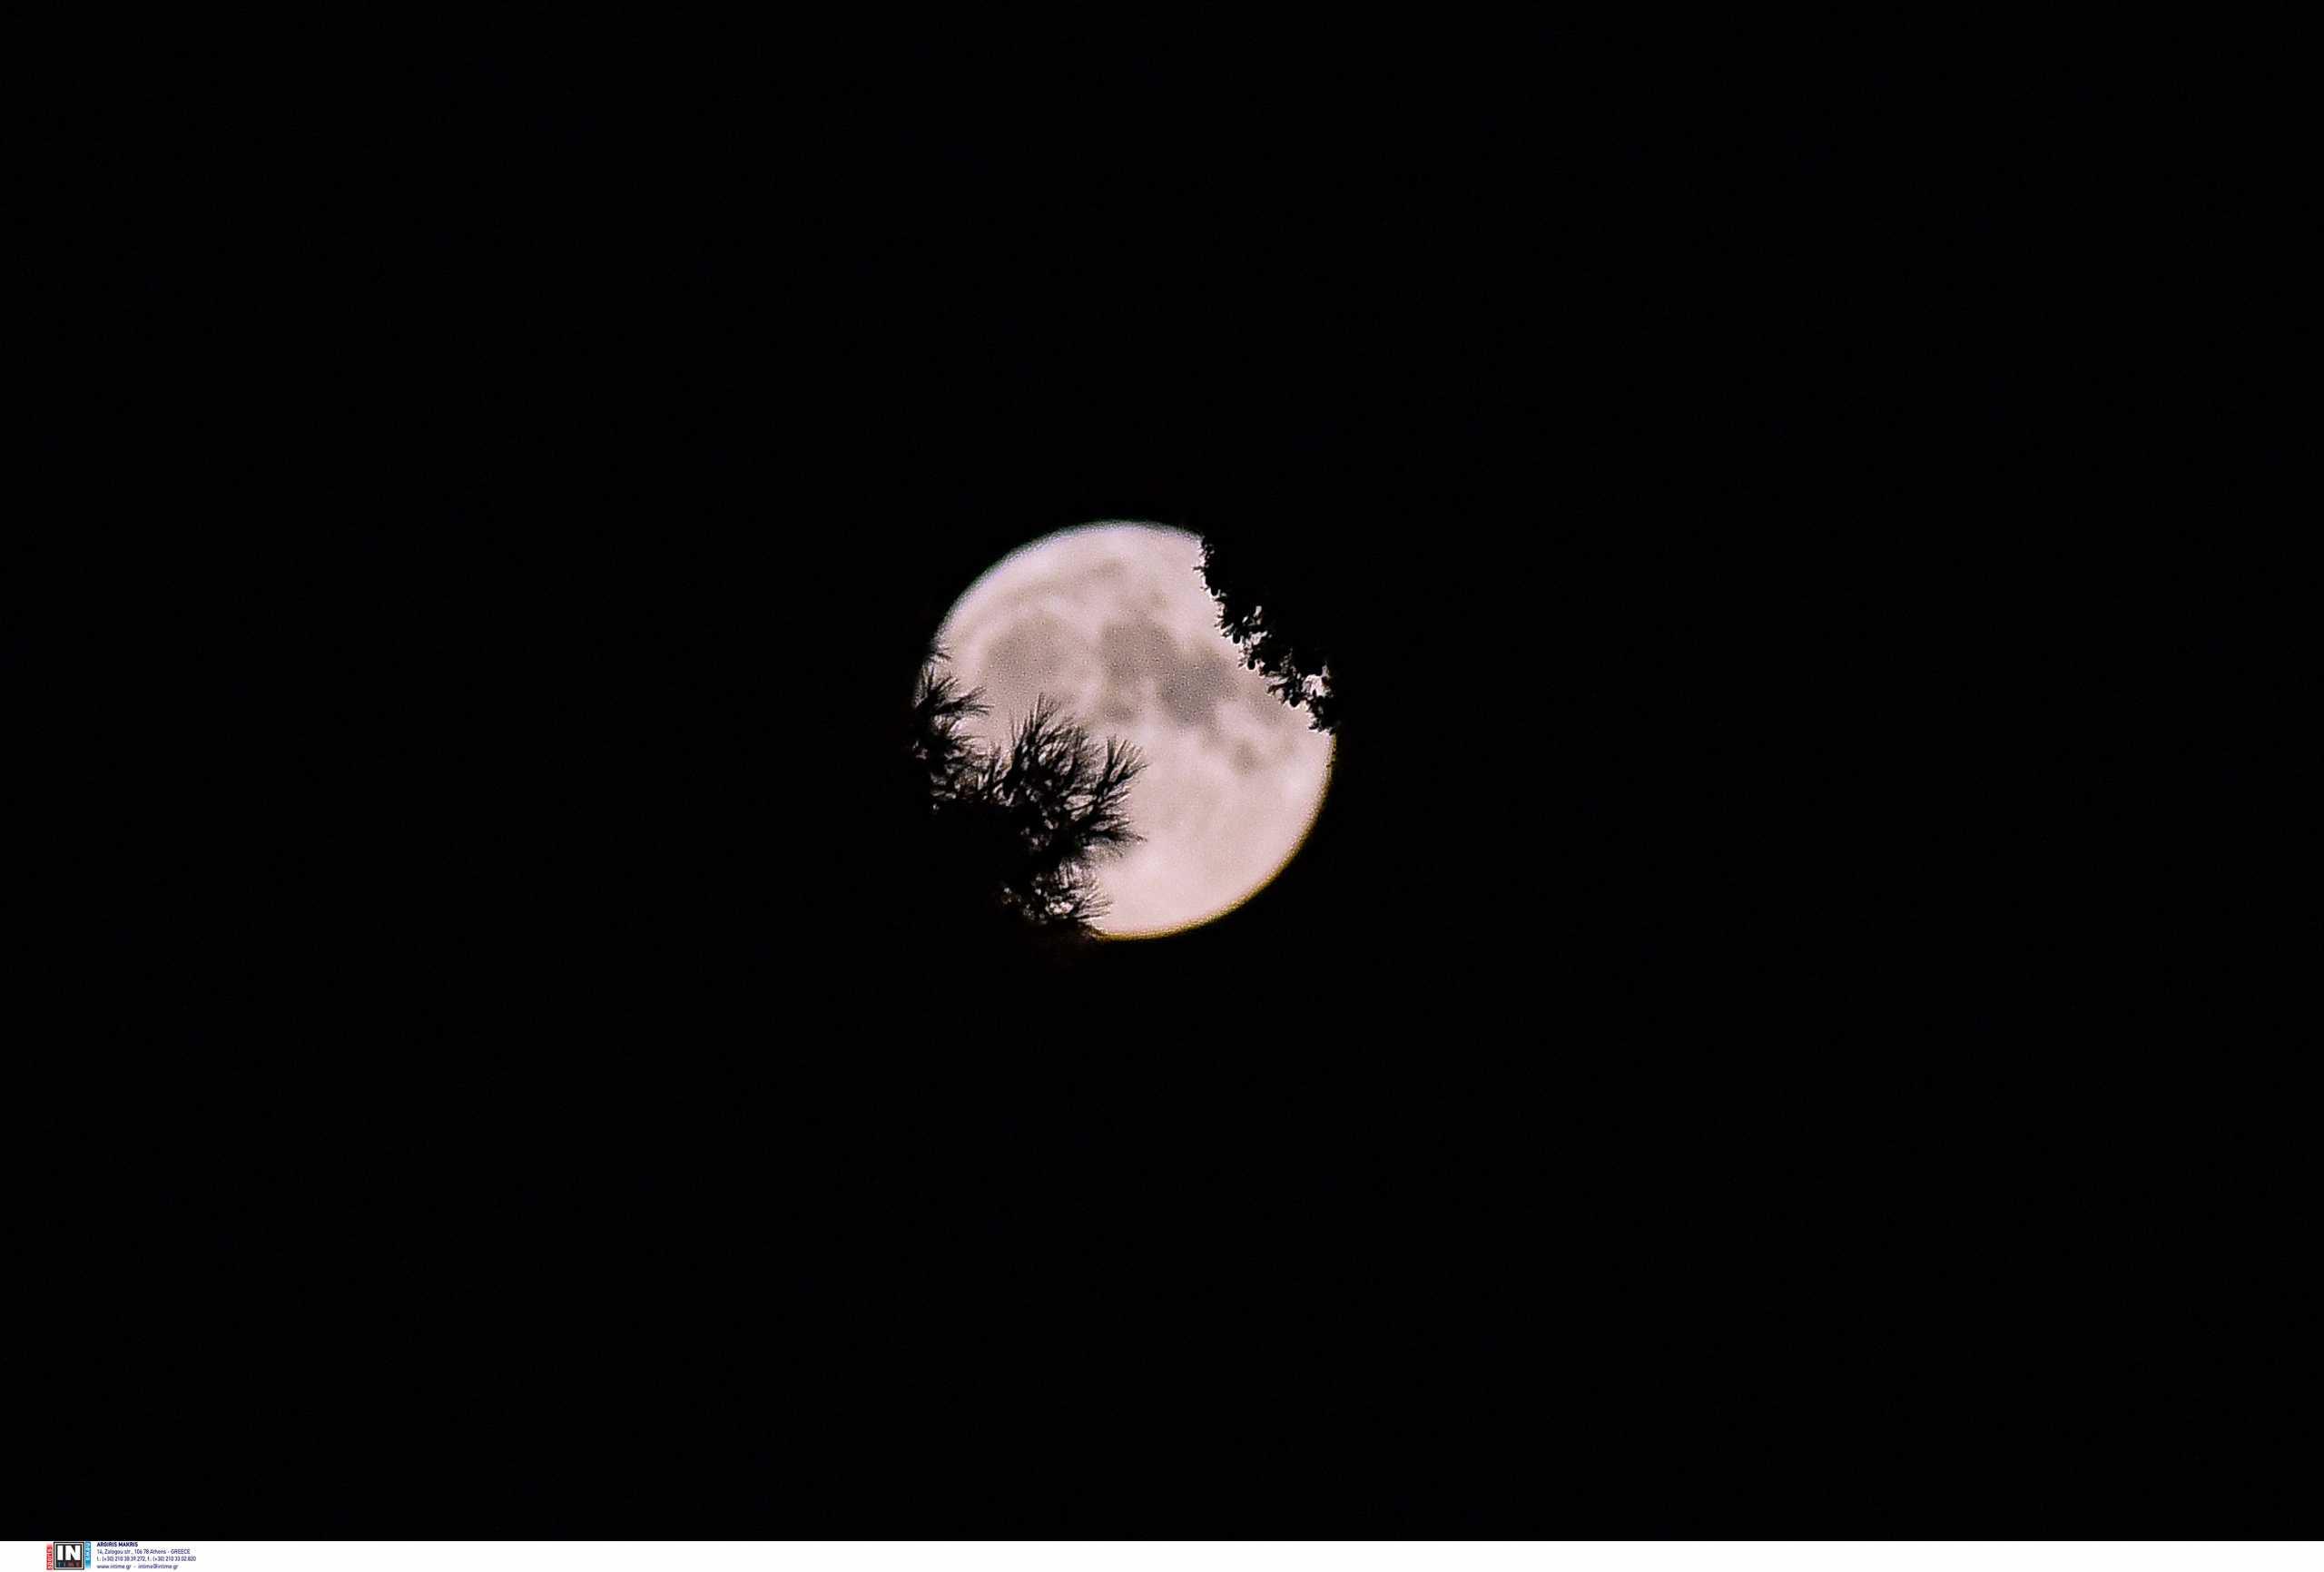 Πανσέληνος Αυγούστου: Μοναδικό και επιβλητικό το ολόγιομο φεγγάρι